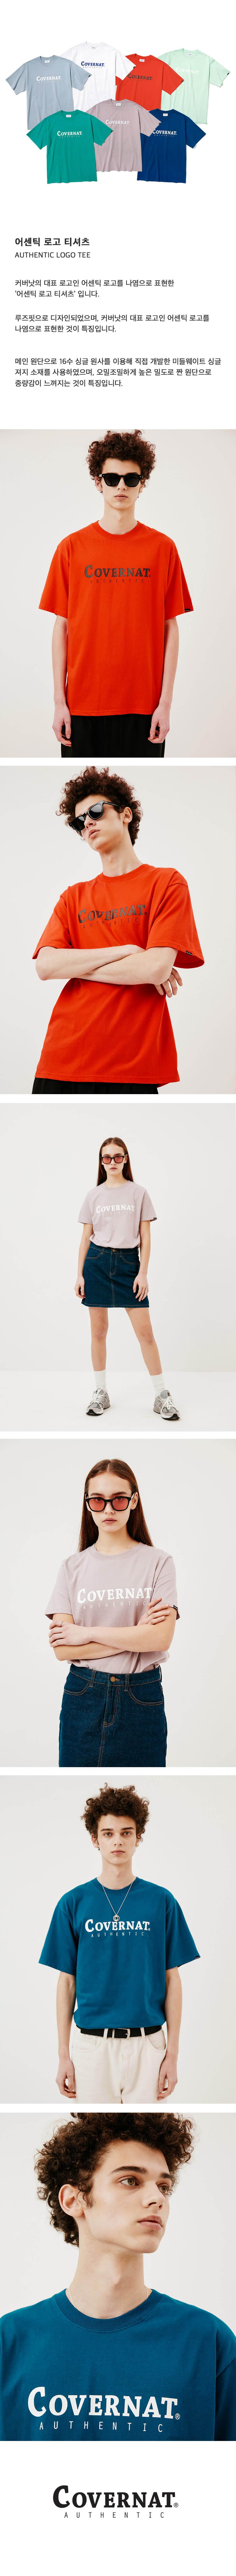 커버낫(COVERNAT) 어센틱 로고 티셔츠 빈티지 그린